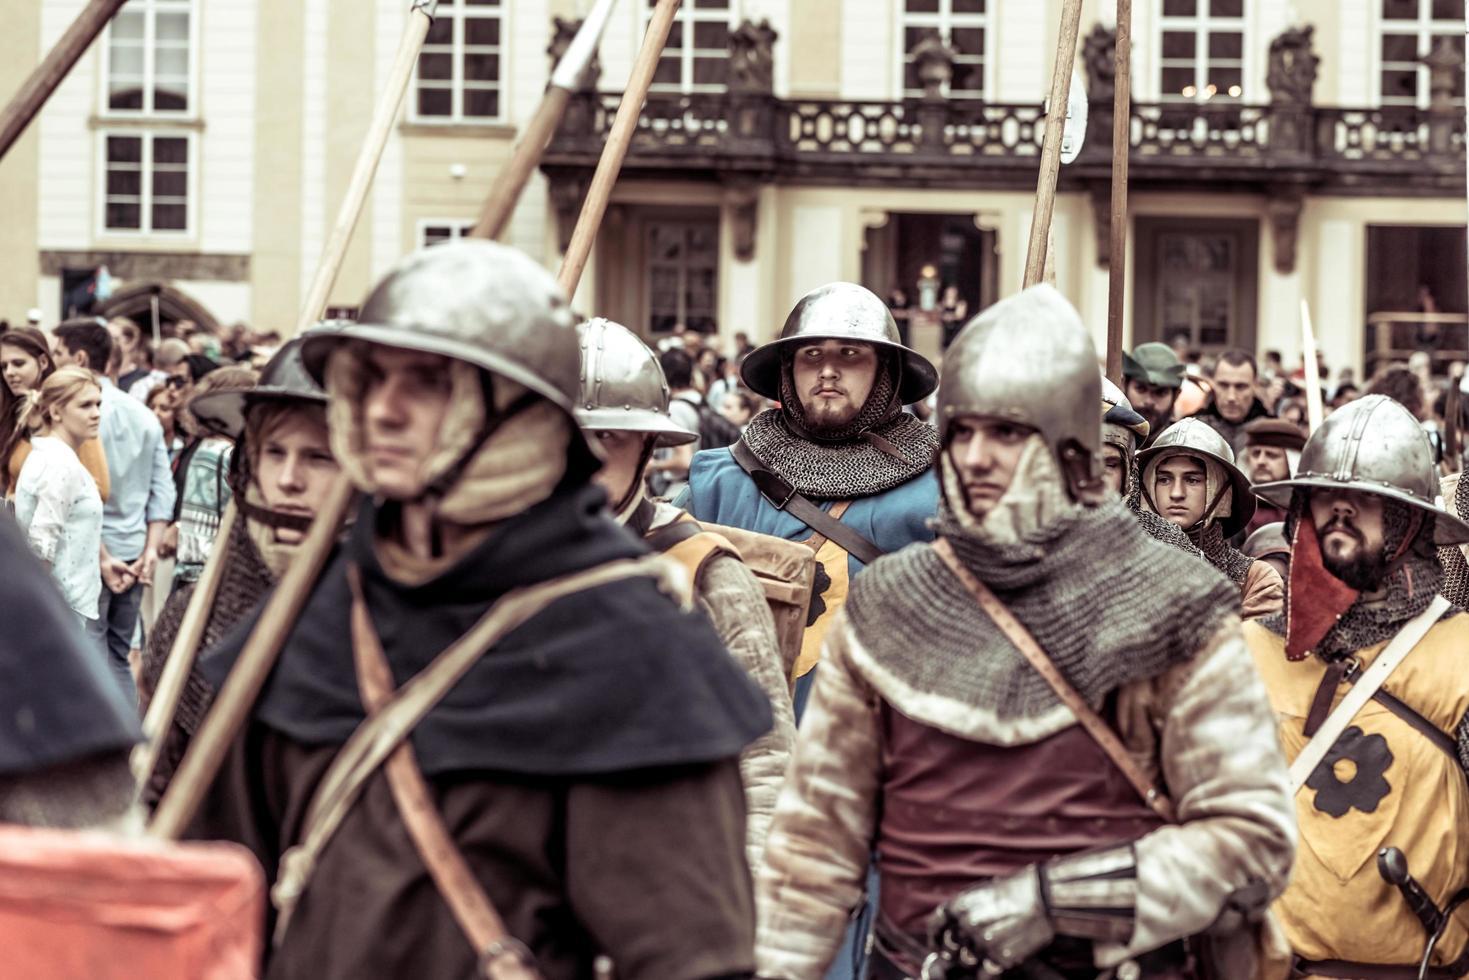 Prag, Tschechische Republik 2016 - Gepanzerte Ritter führen den Marsch von Charles IV bei der Nachstellung der Krönung von Charles IV in der Prager Burg an foto